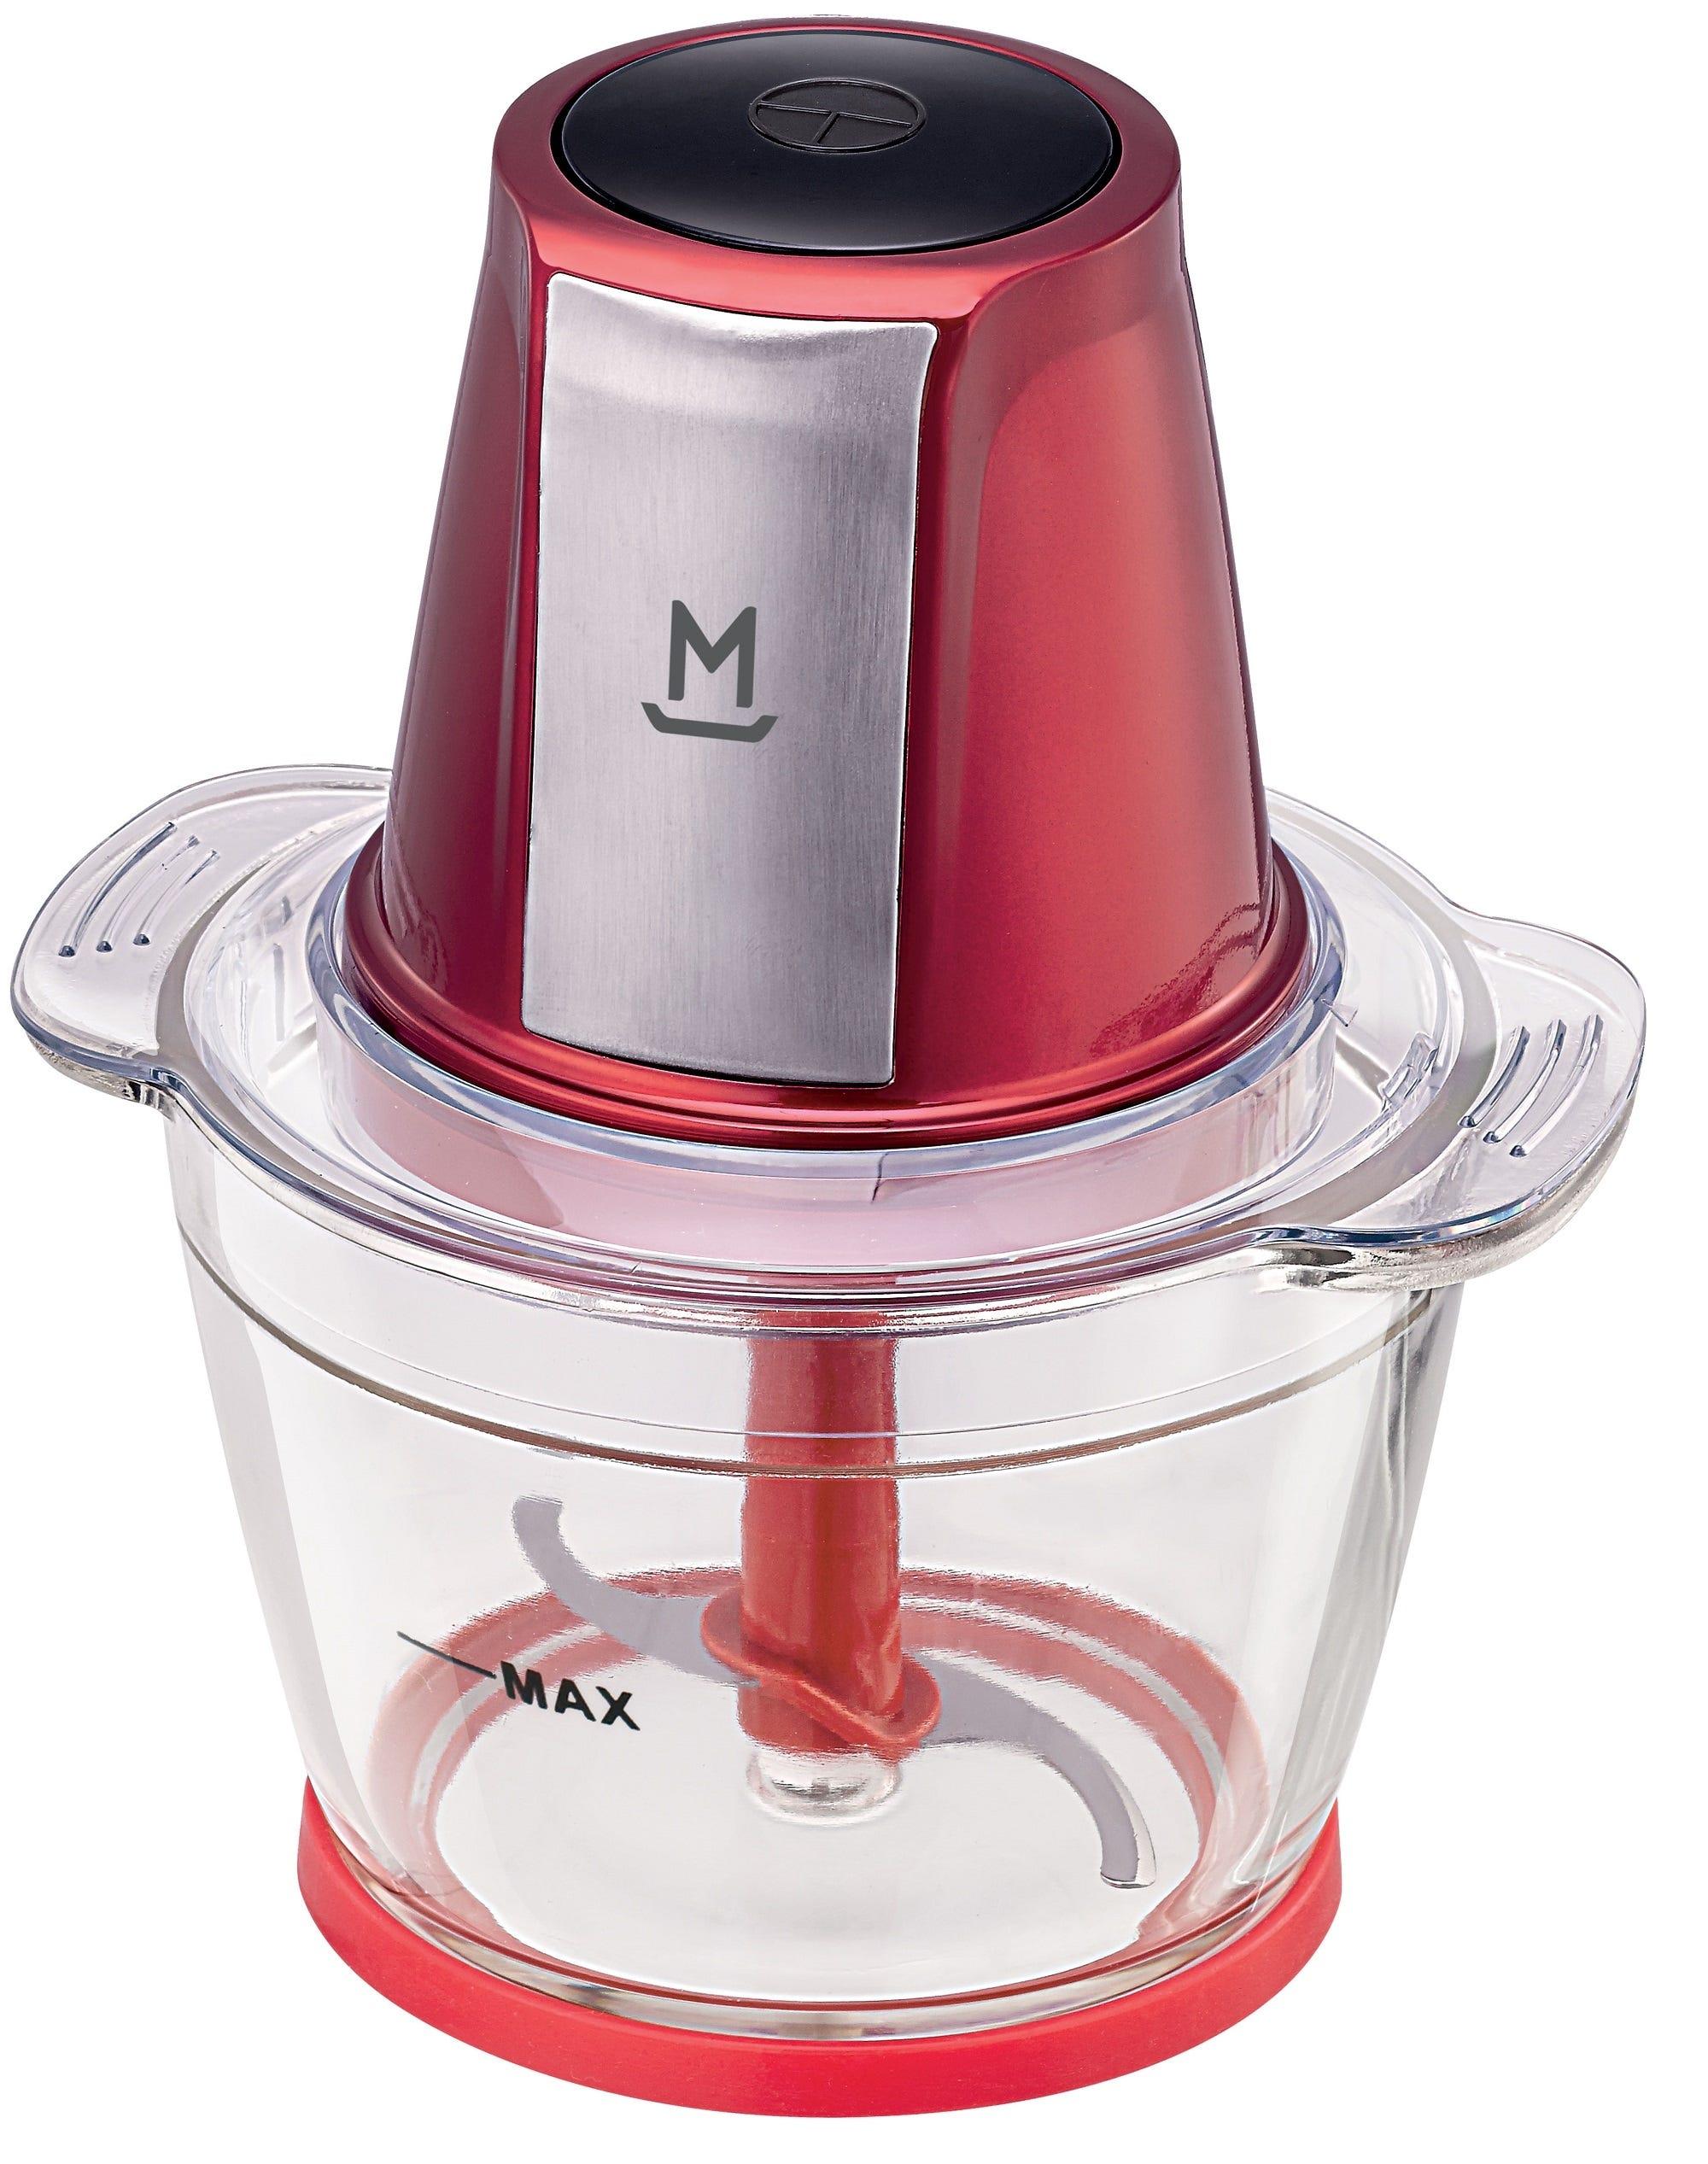 Urządzenie do siekania / rozdrabniania mikser MANDINE MMC400-16 stacjonarnie i okresowo na www (odbiór w Carrefour za 0 zł)